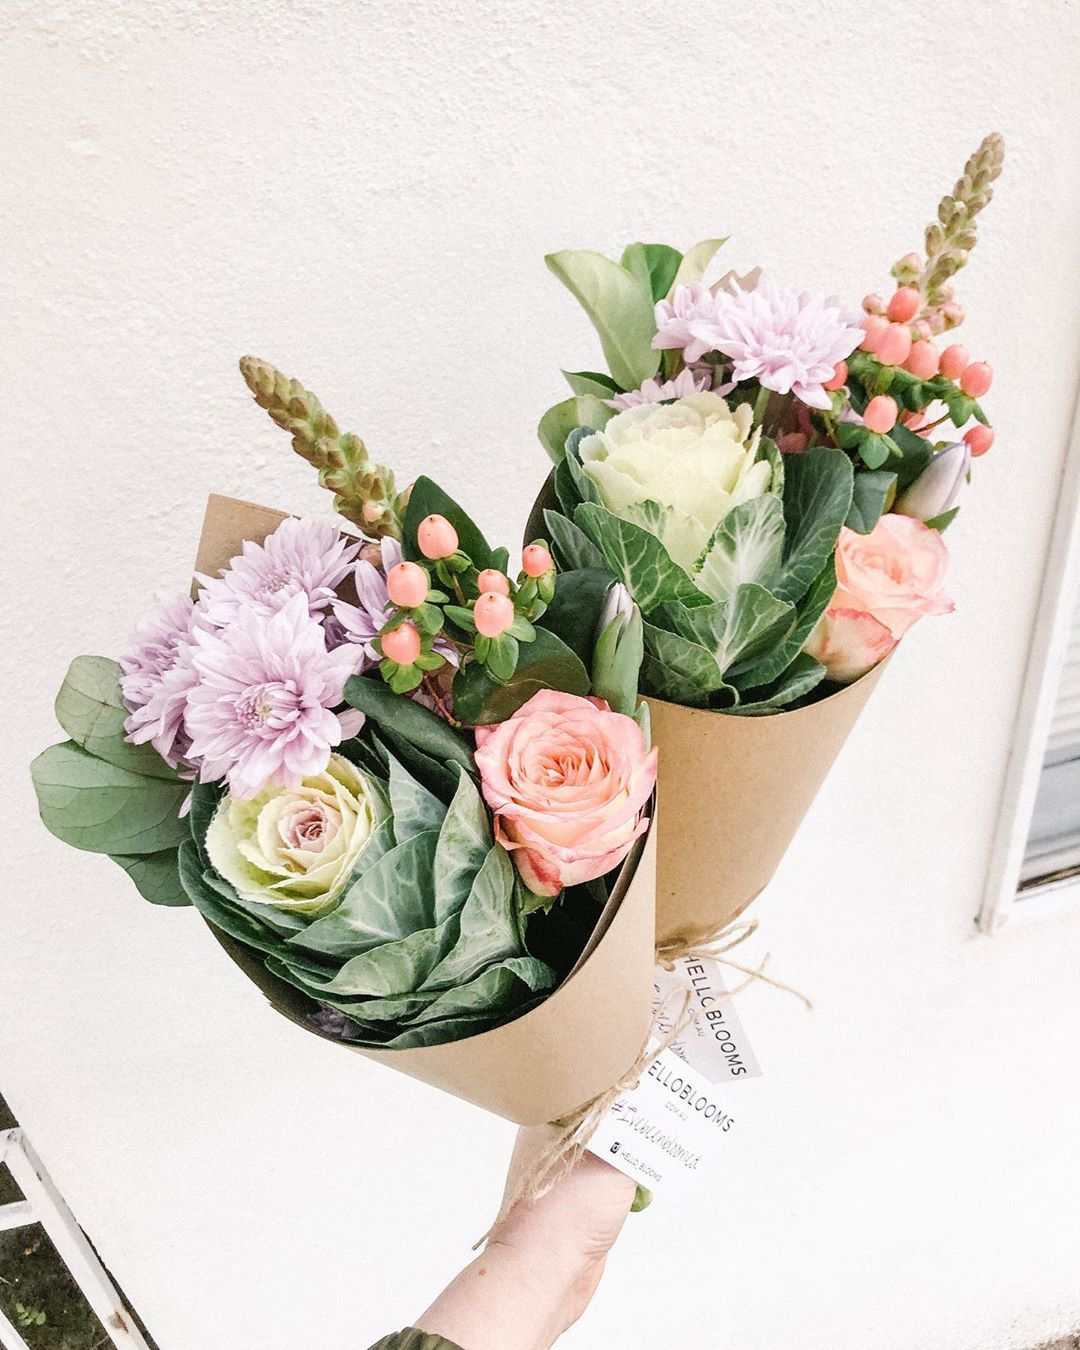 FLOWER + PLANT DELIVERY on Instagram: \u201cMonday\u2019s Blooms \ud83e\uddda\ud83c\udffc ...